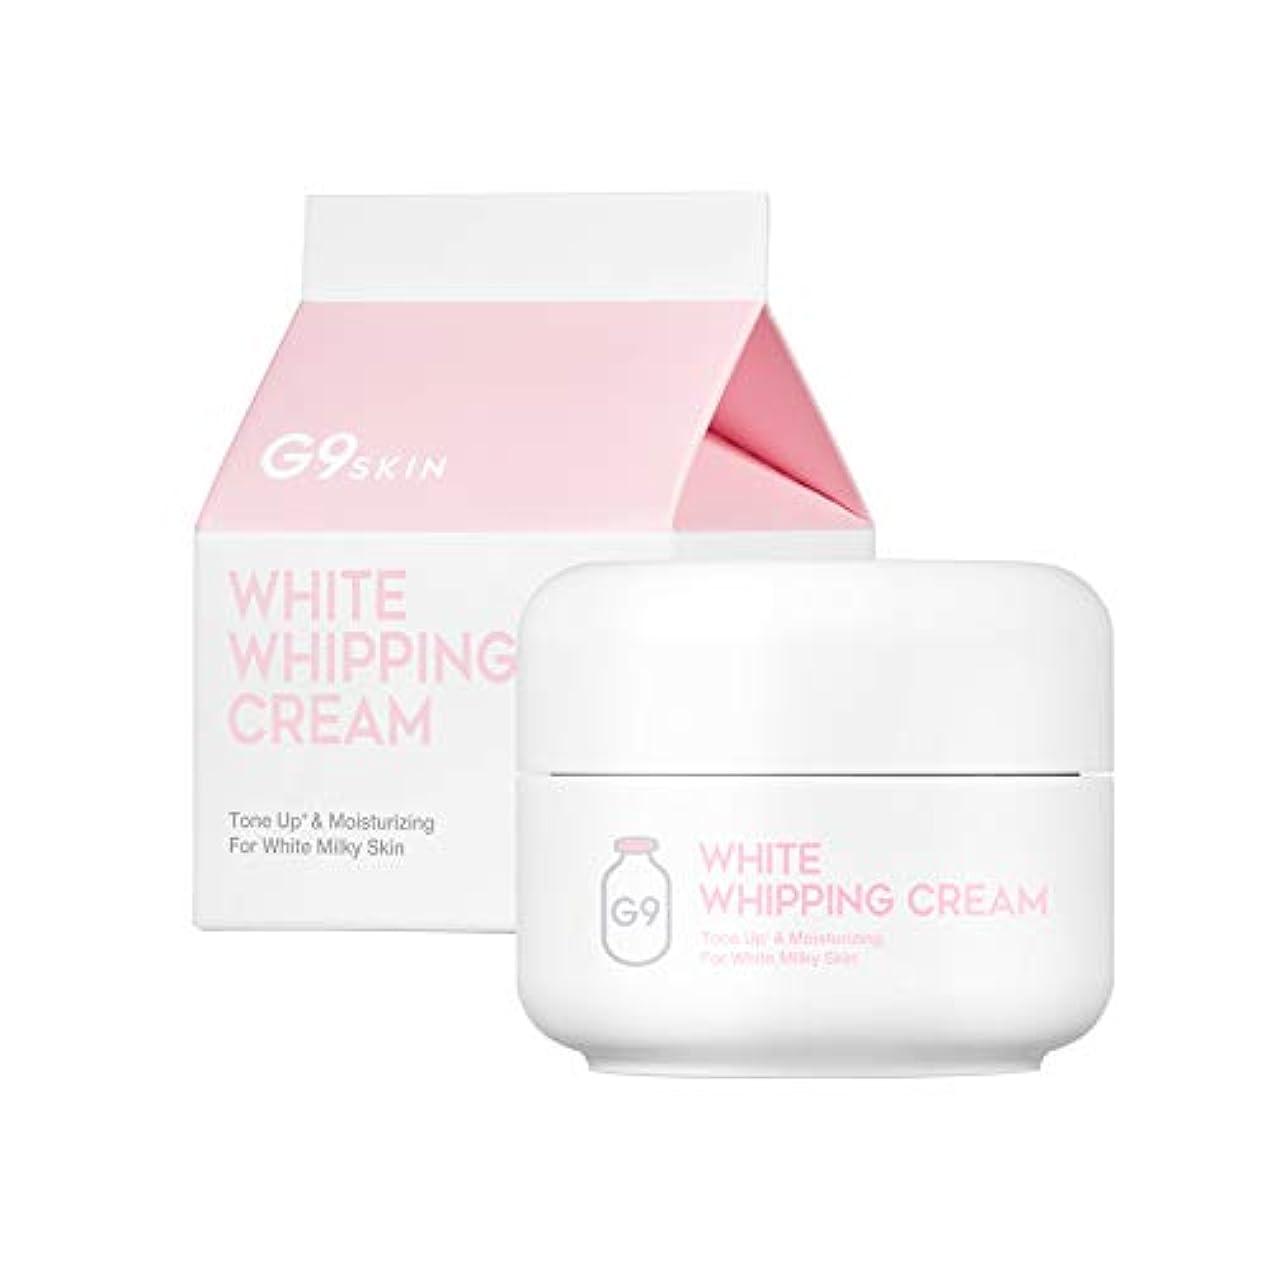 遊びます雄弁家ワックス[ジナインスキン] G9SKIN ジーナイン スキン ホワイト フイッピング クリーム (G9 Skin White Whipping Cream) [海外直送品] [並行輸入品]